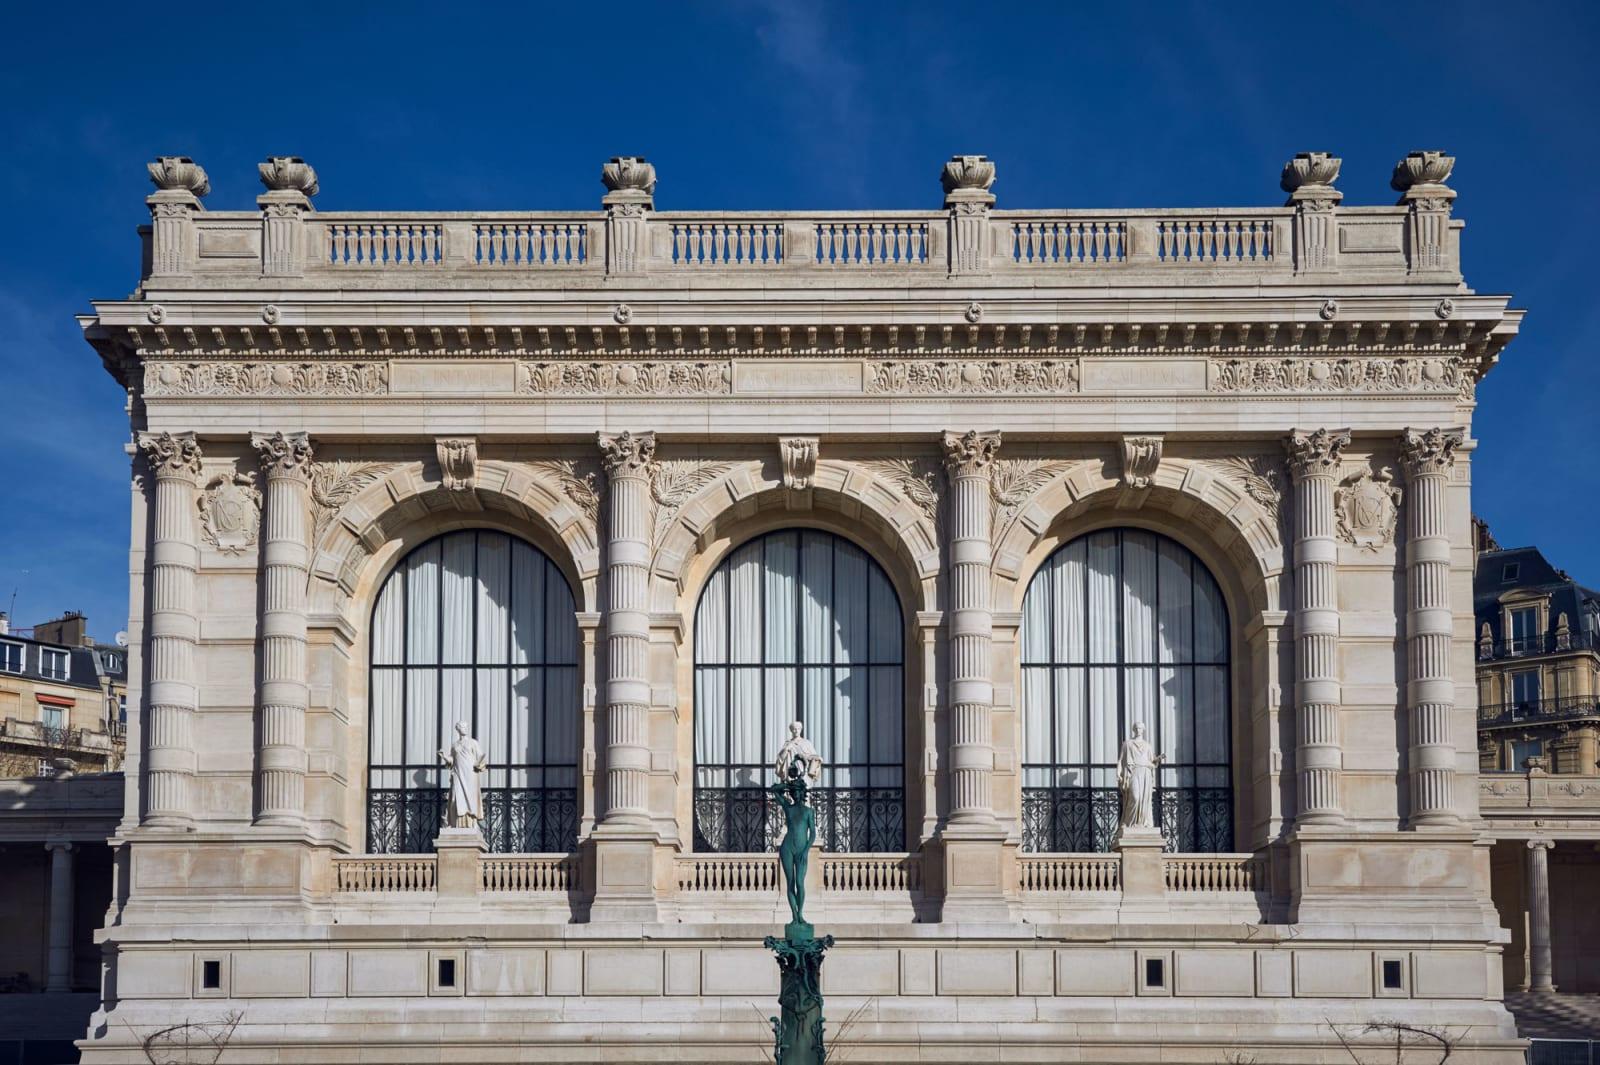 Palais Galliera in Paris